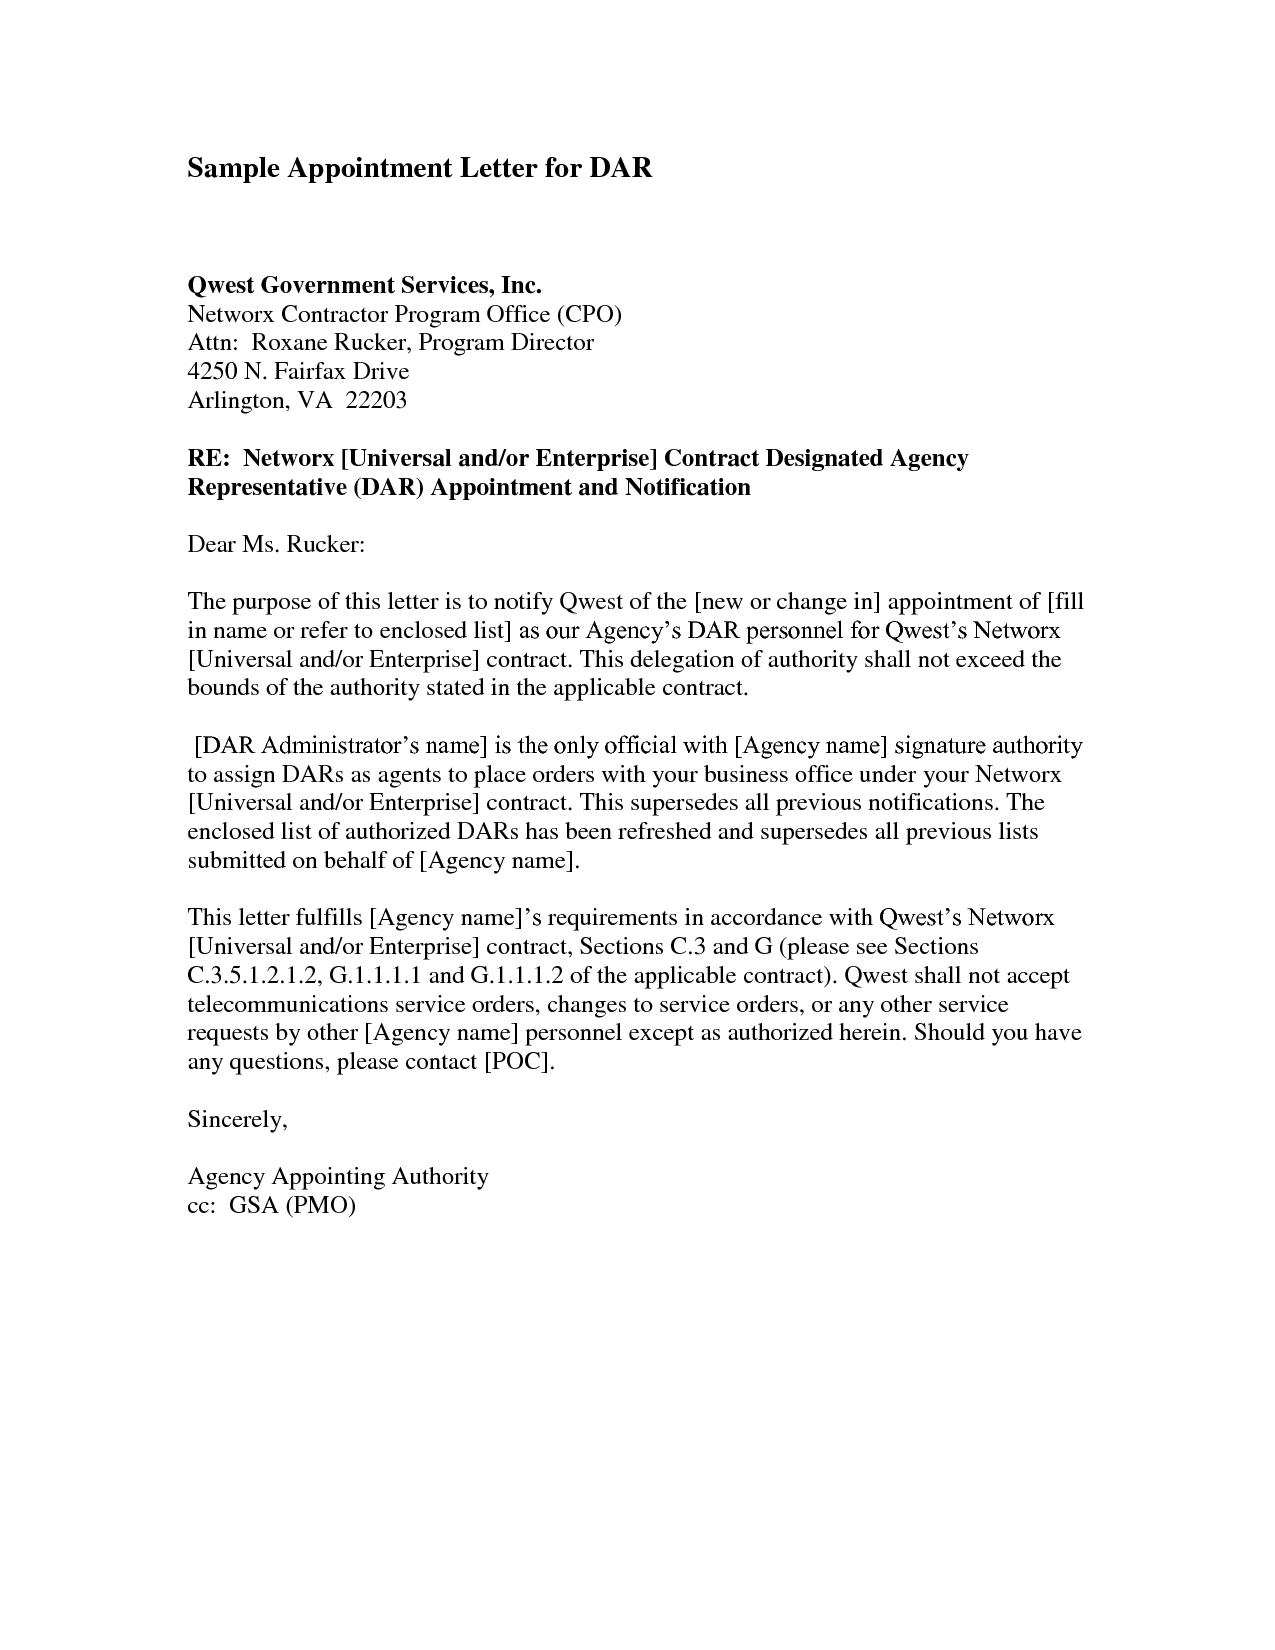 Settlement Agreement Letter Template - Trustee Appointment Letter Director Trustee is Appointed or